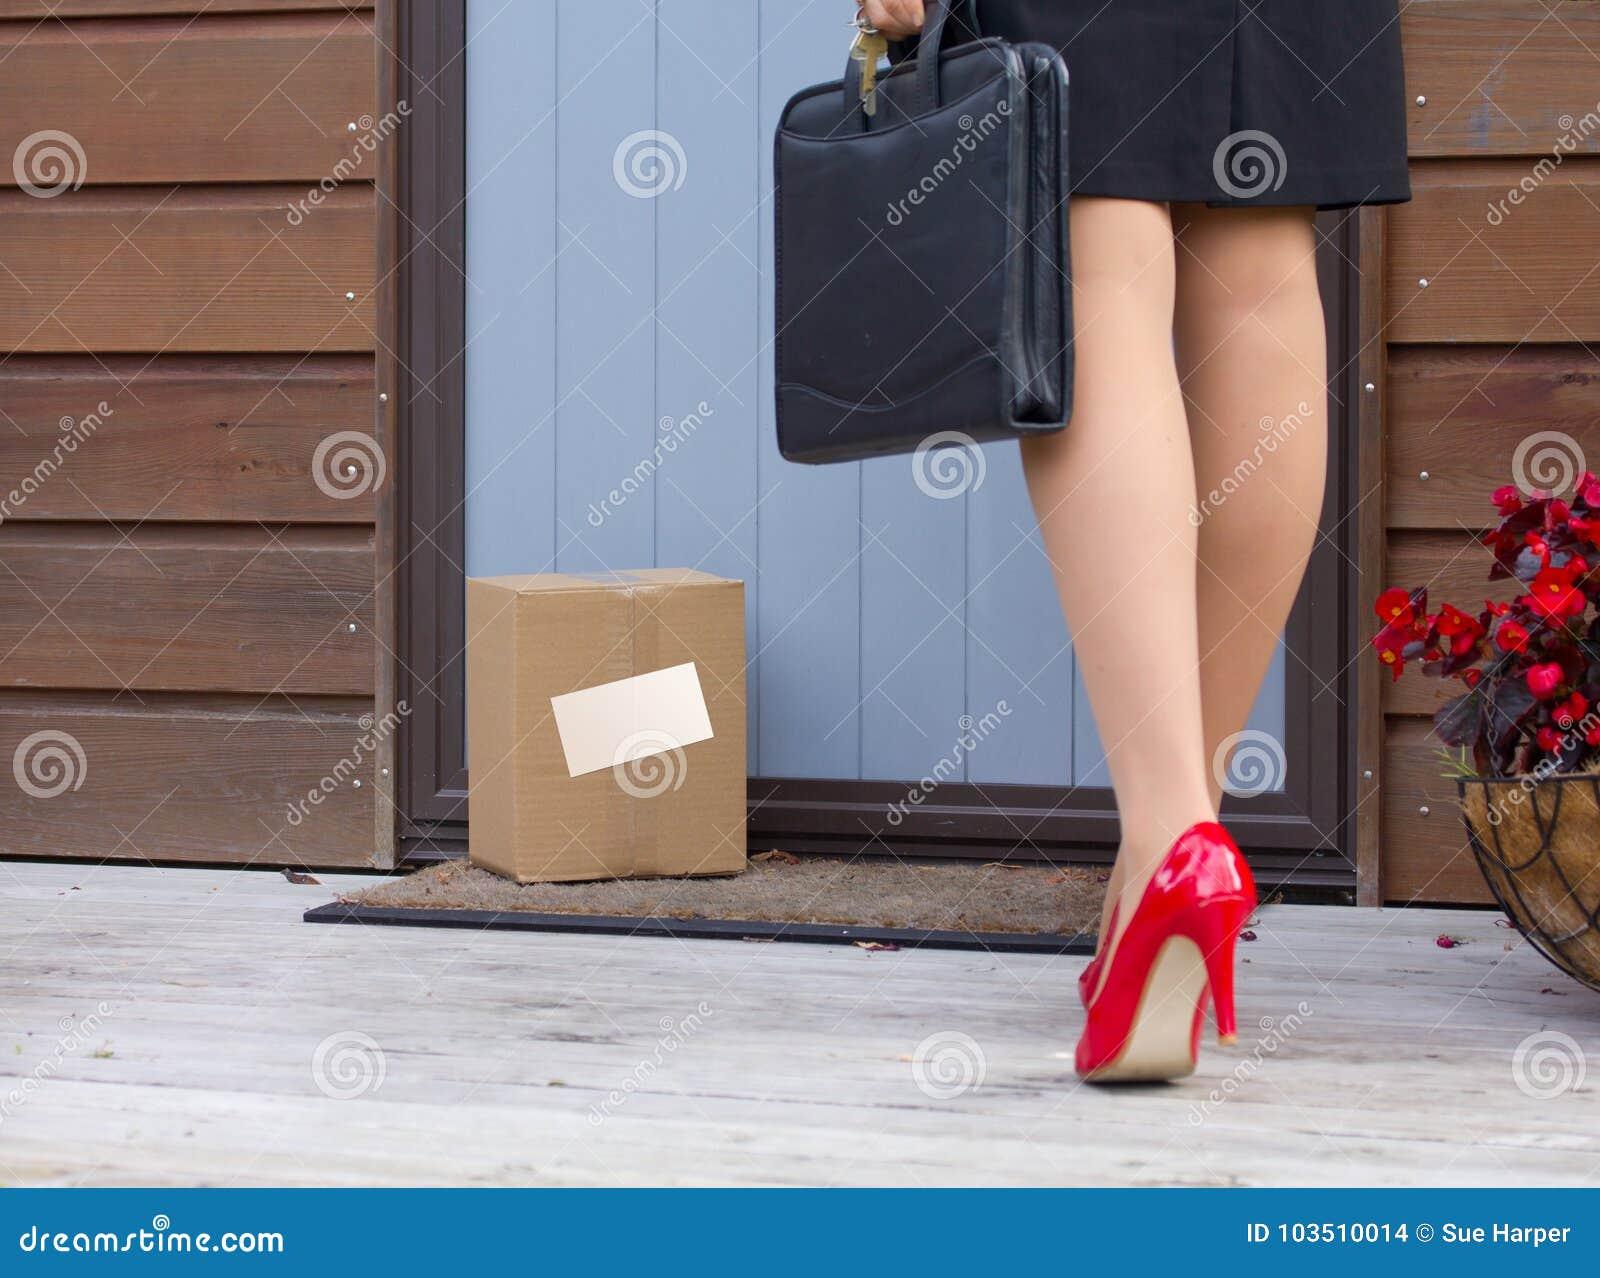 La femme arrive à la maison après travail pour libérer le colis de la livraison à la porte